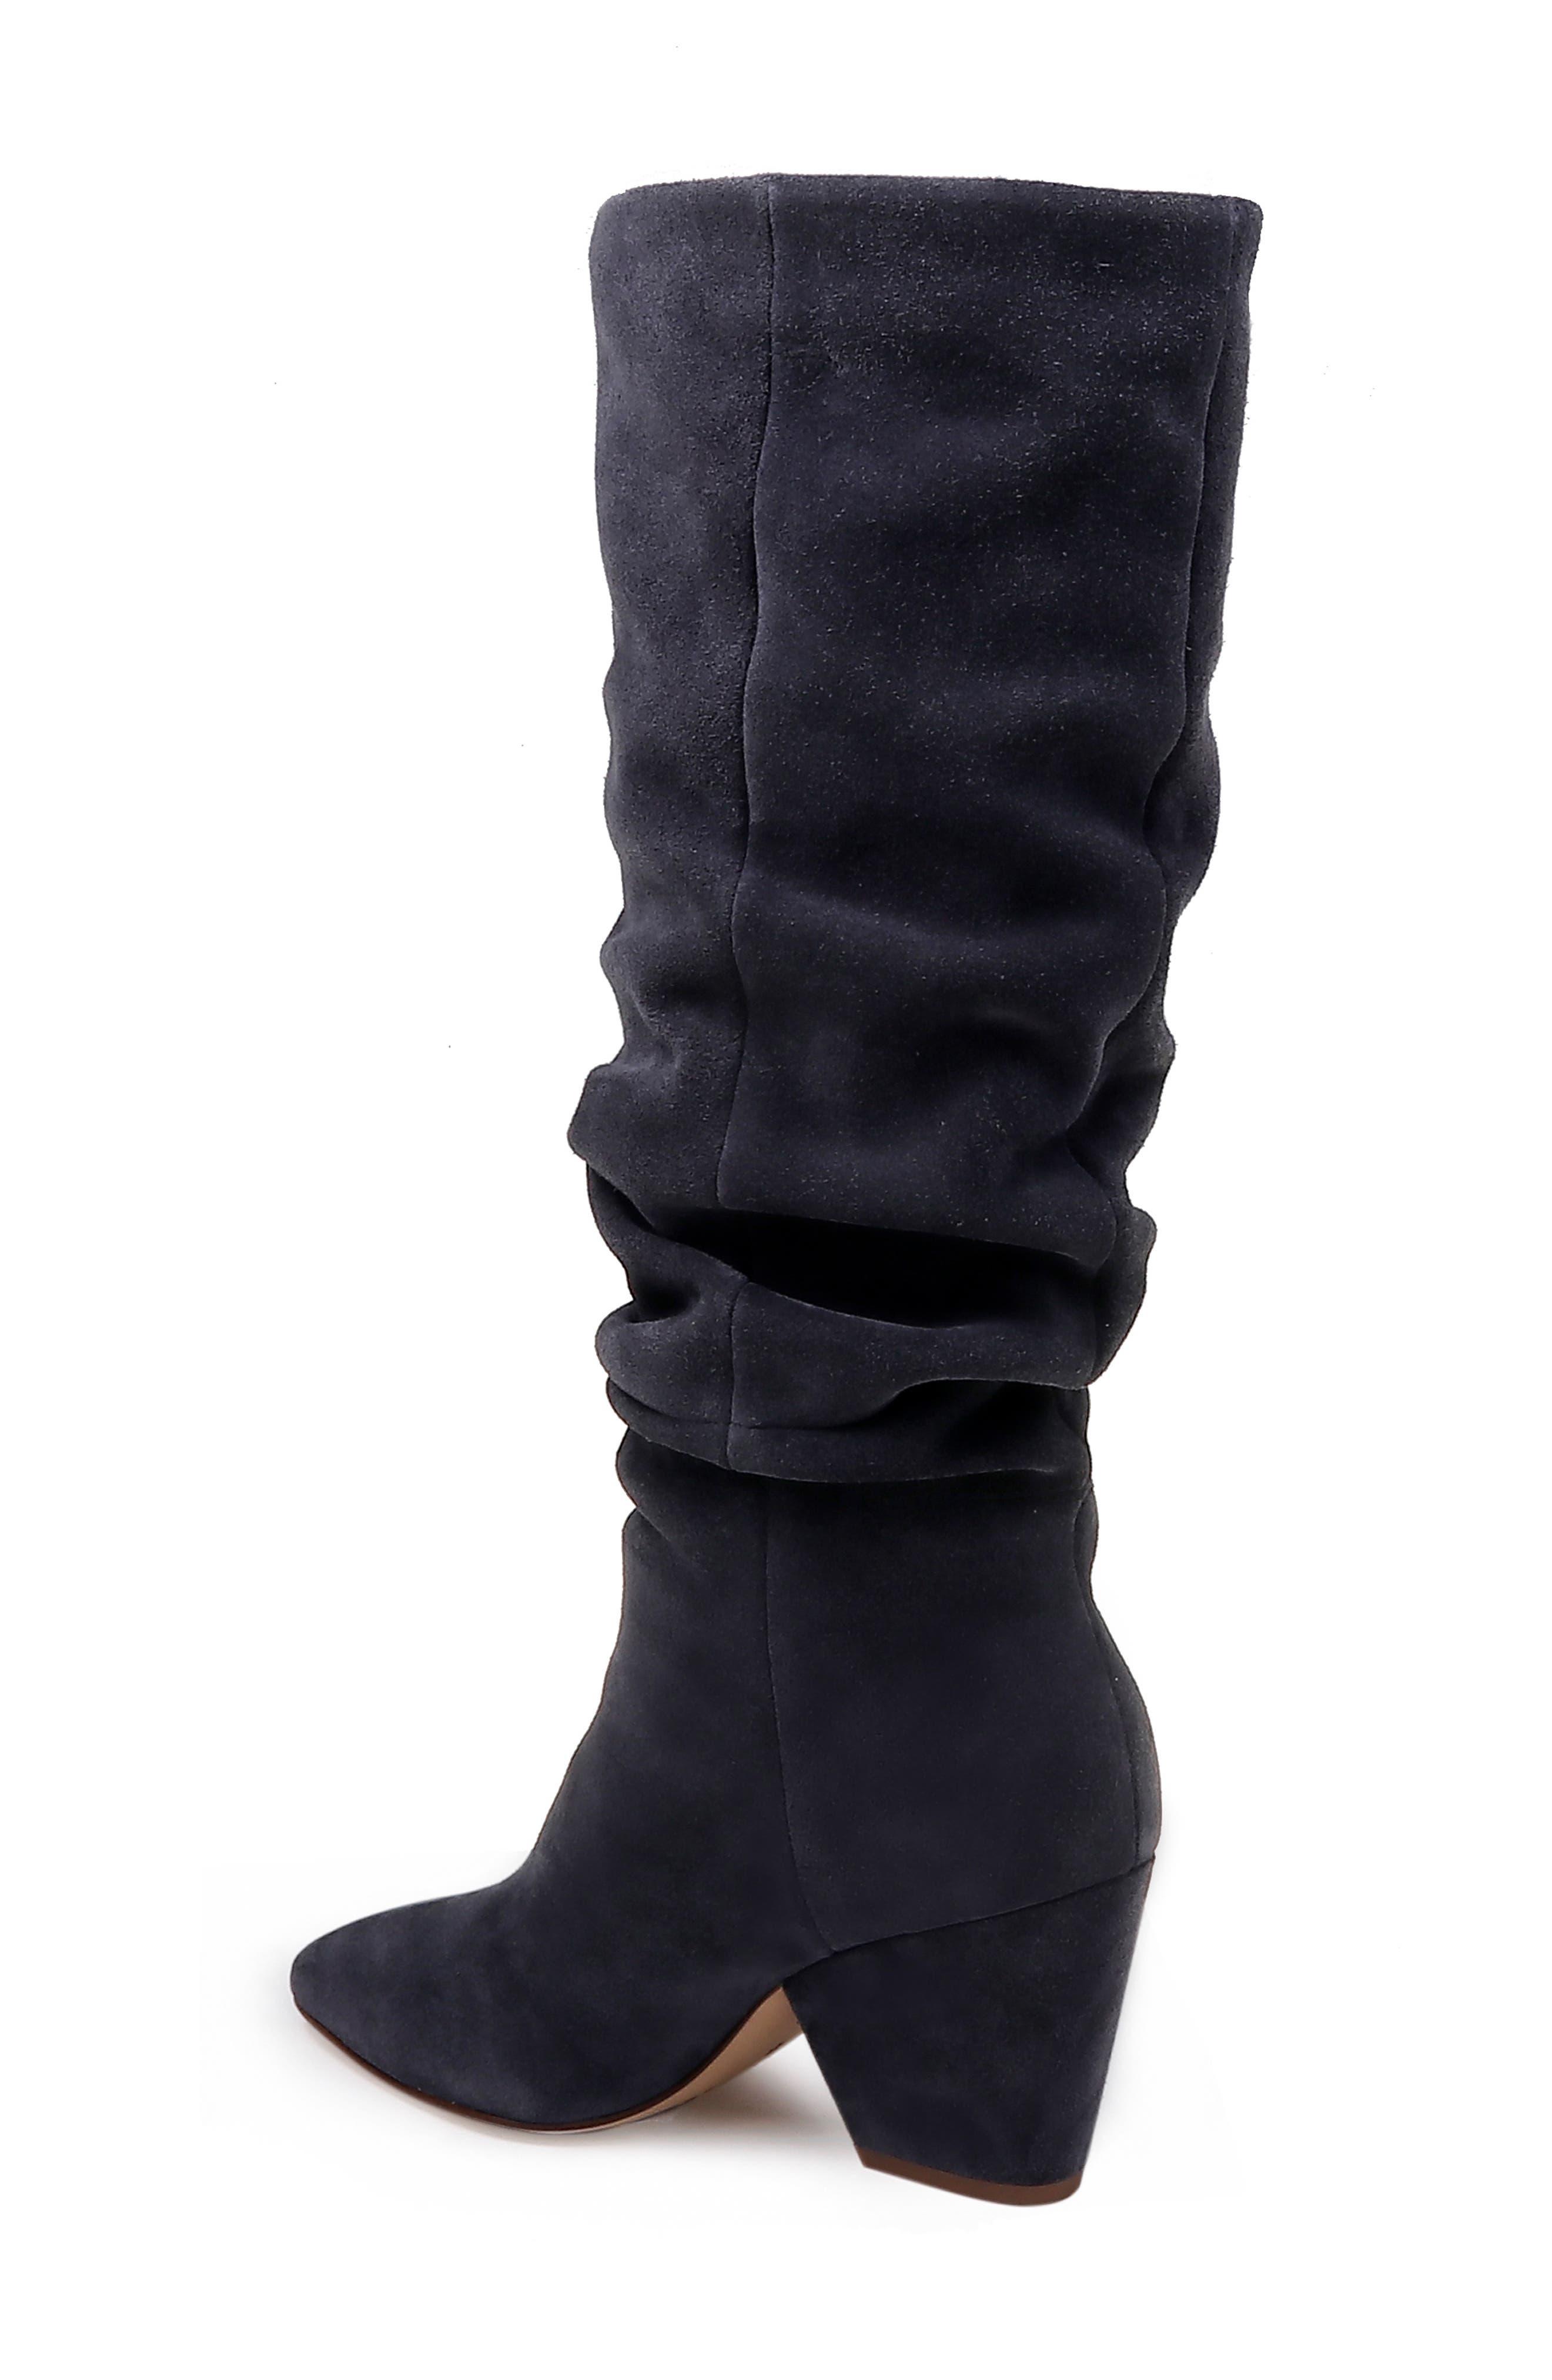 7ff9d37589a Women s Splendid Boots